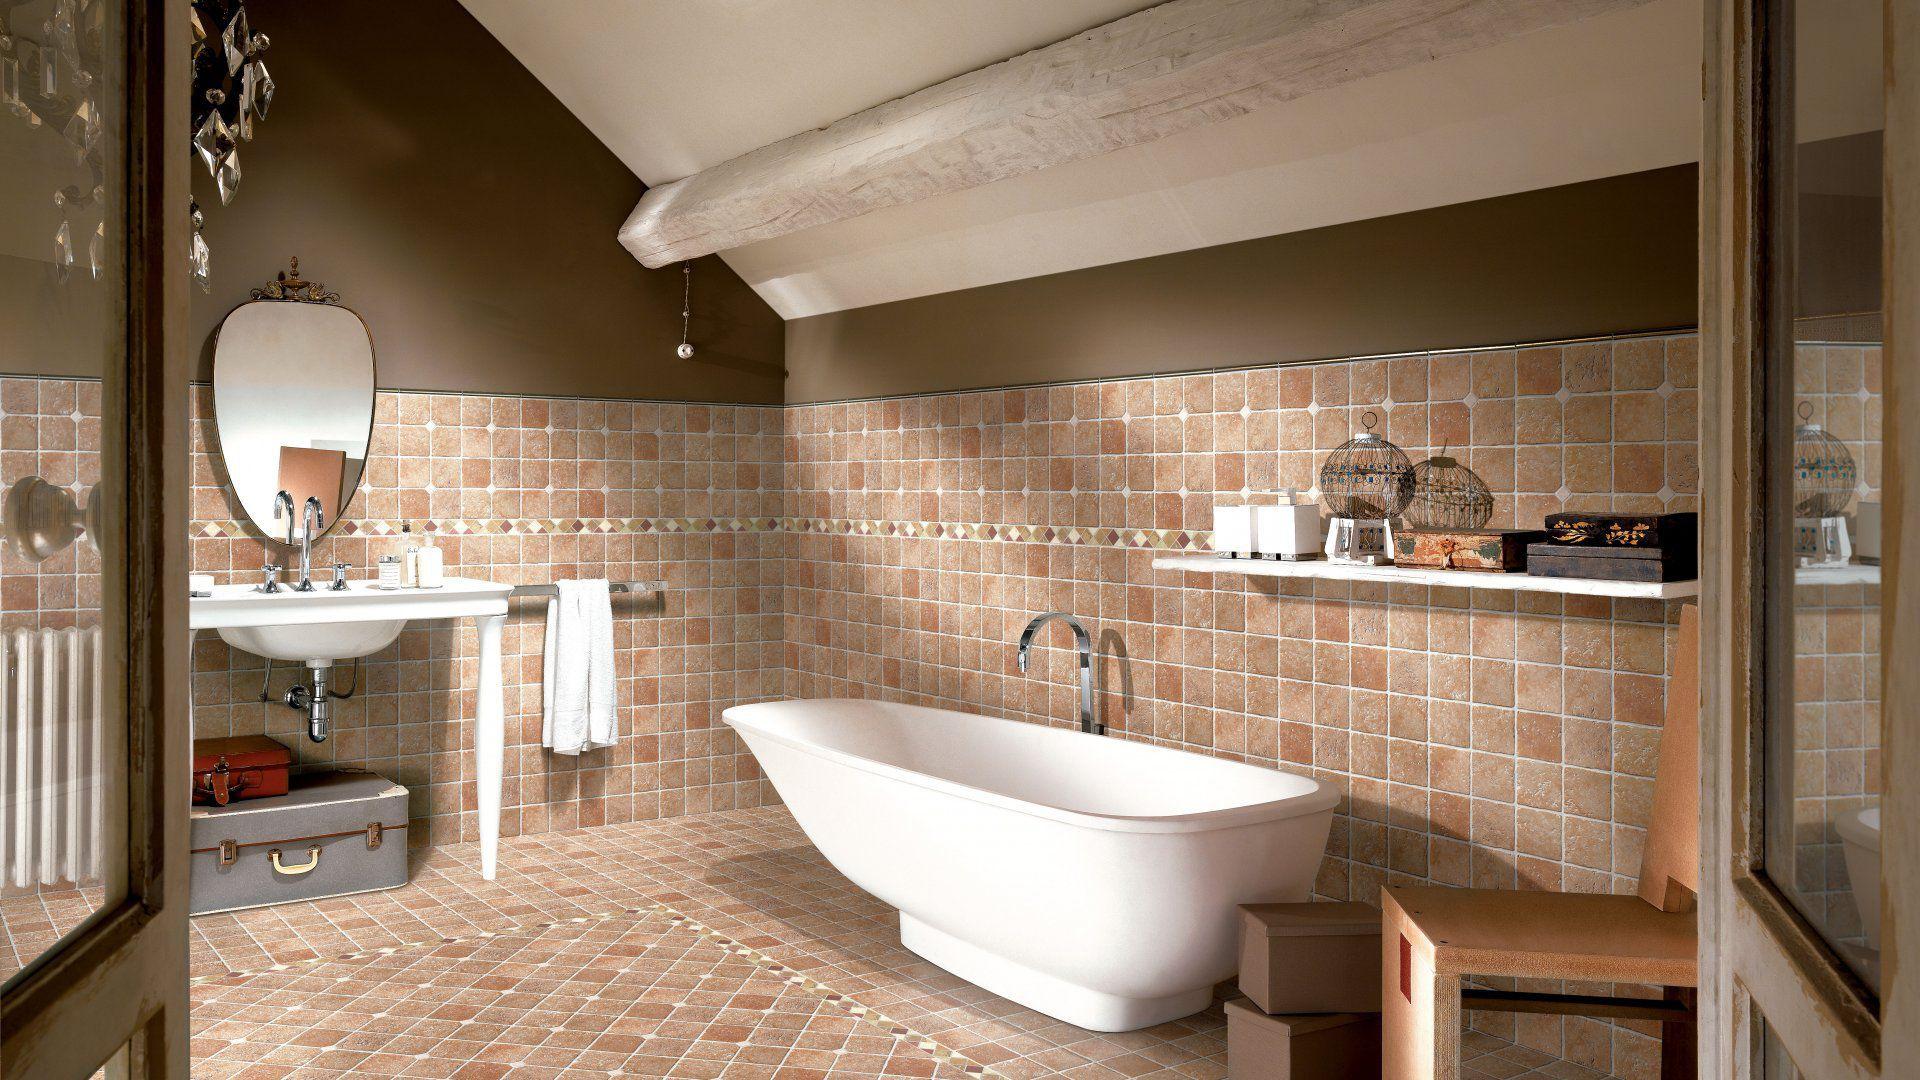 un bagno con una vasca , muri e pavimenti di color bianco